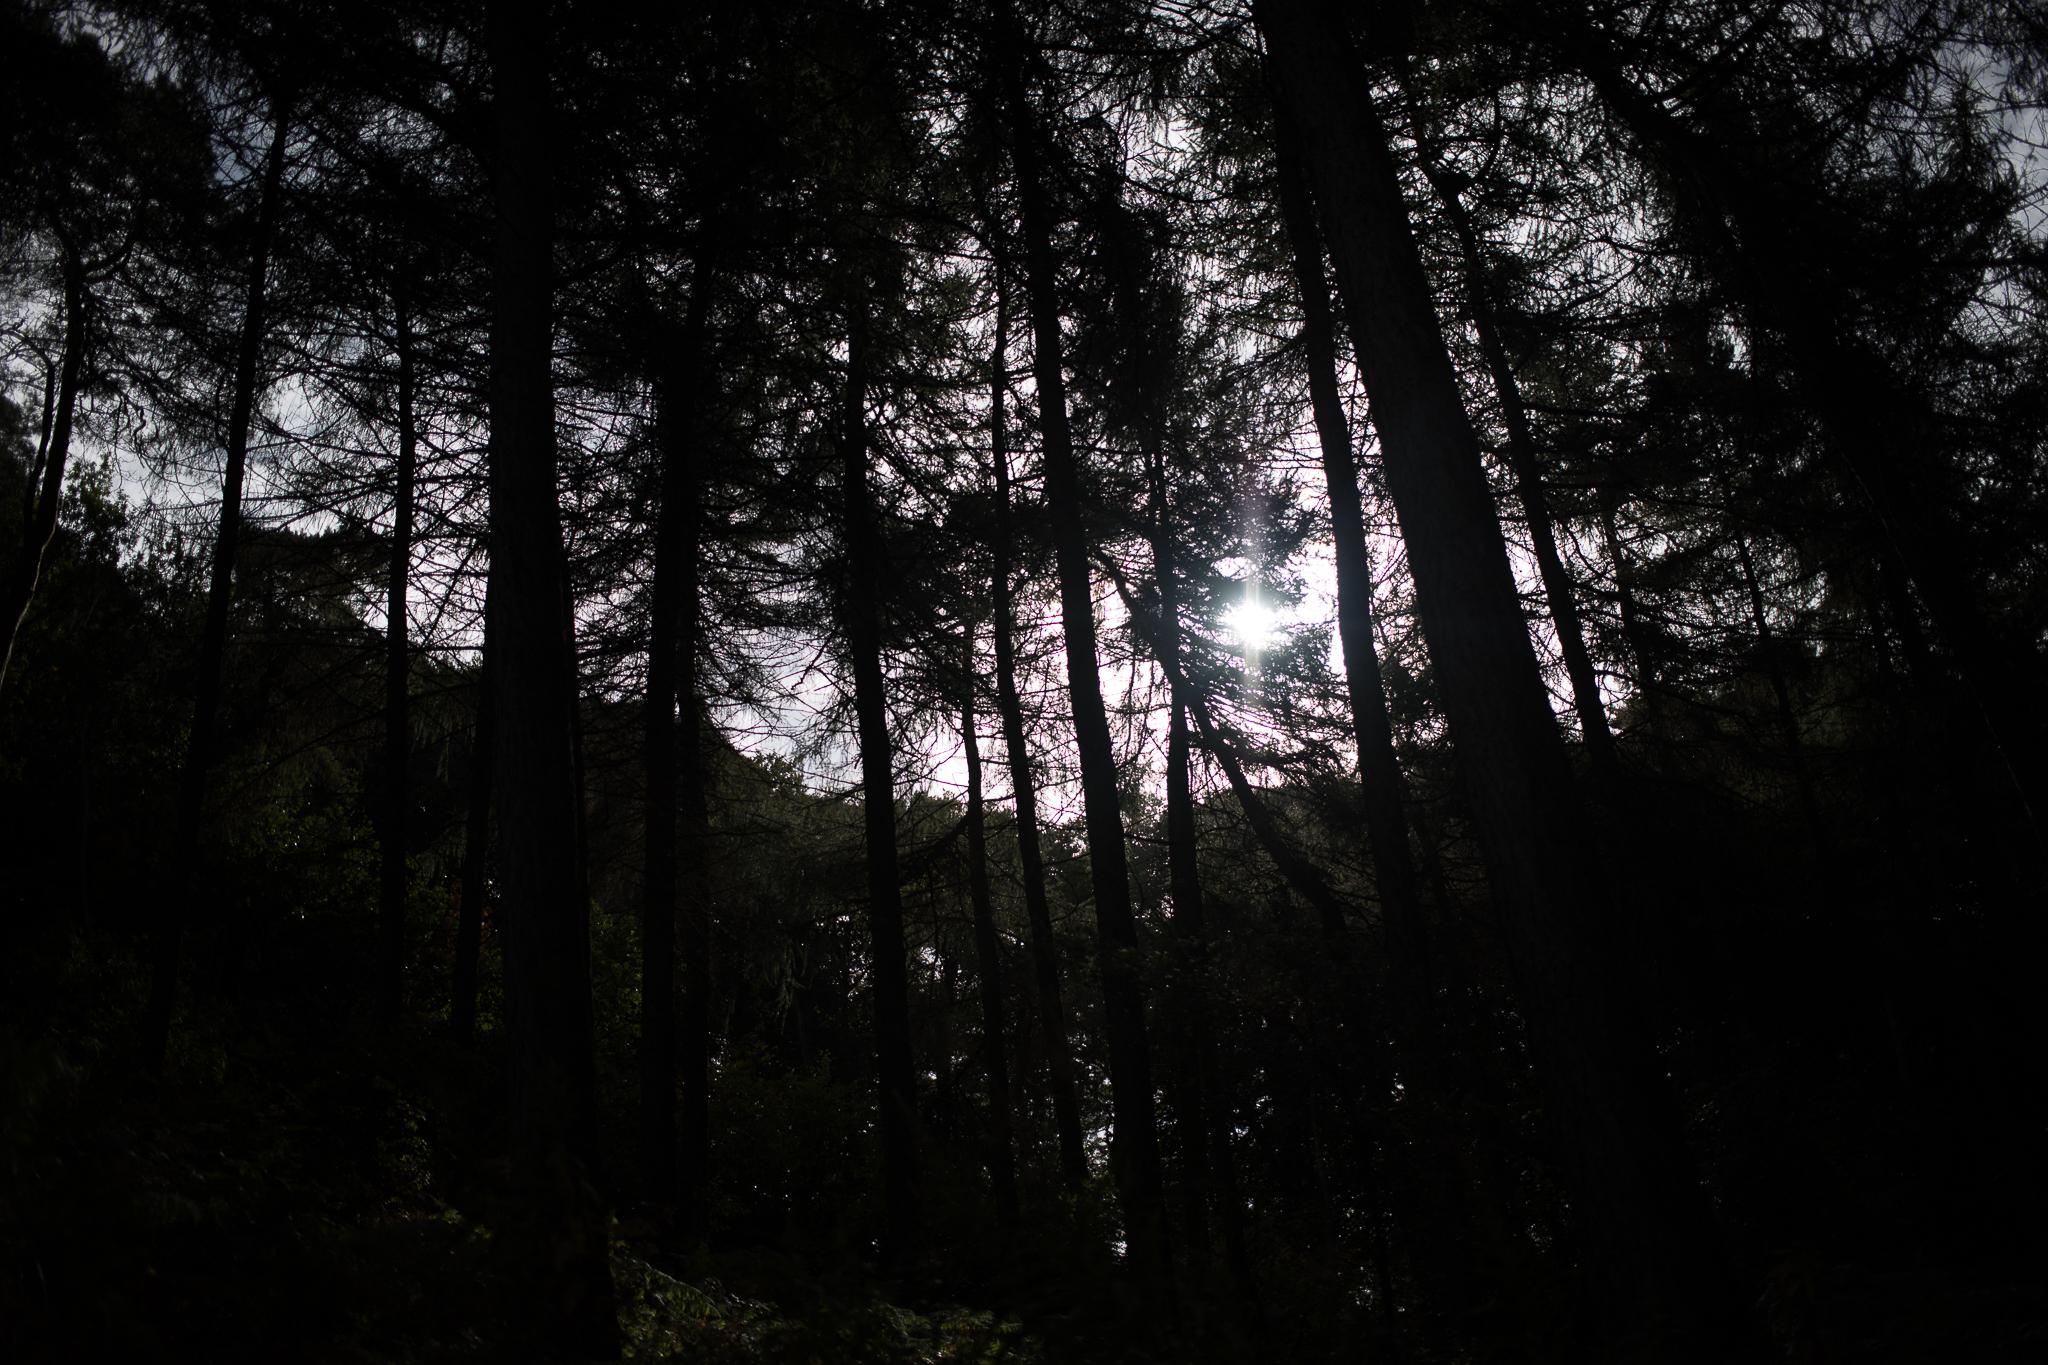 001-zeroed-trees